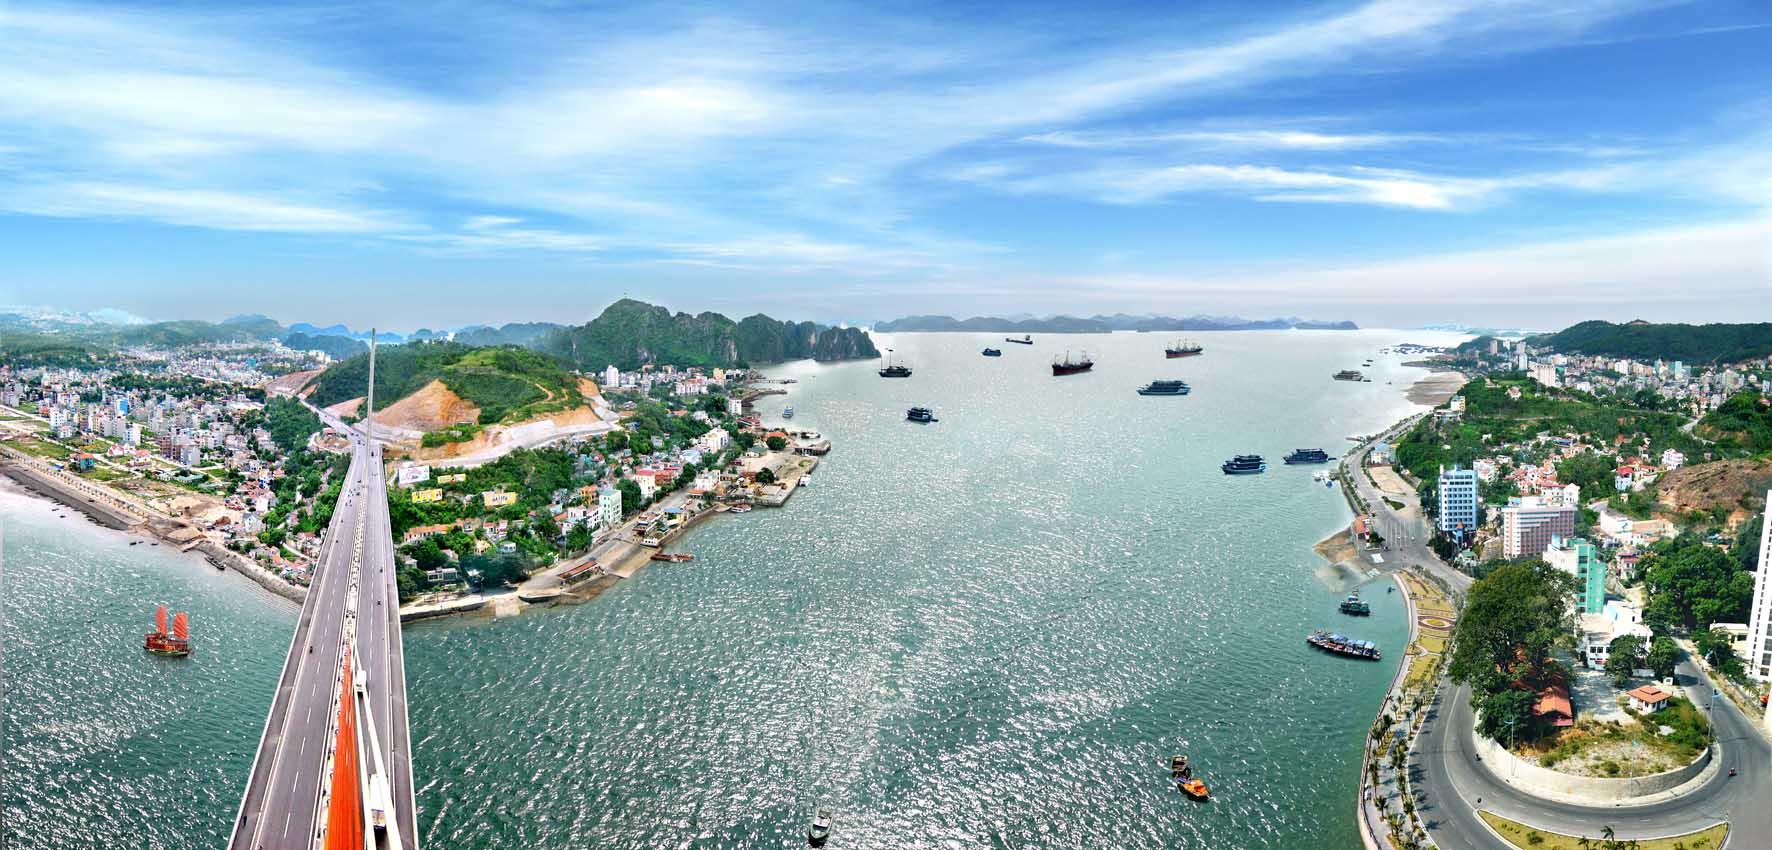 Hạ tầng giao thông kết nối không gian đô thị tp Hạ Long, Quảng Ninh